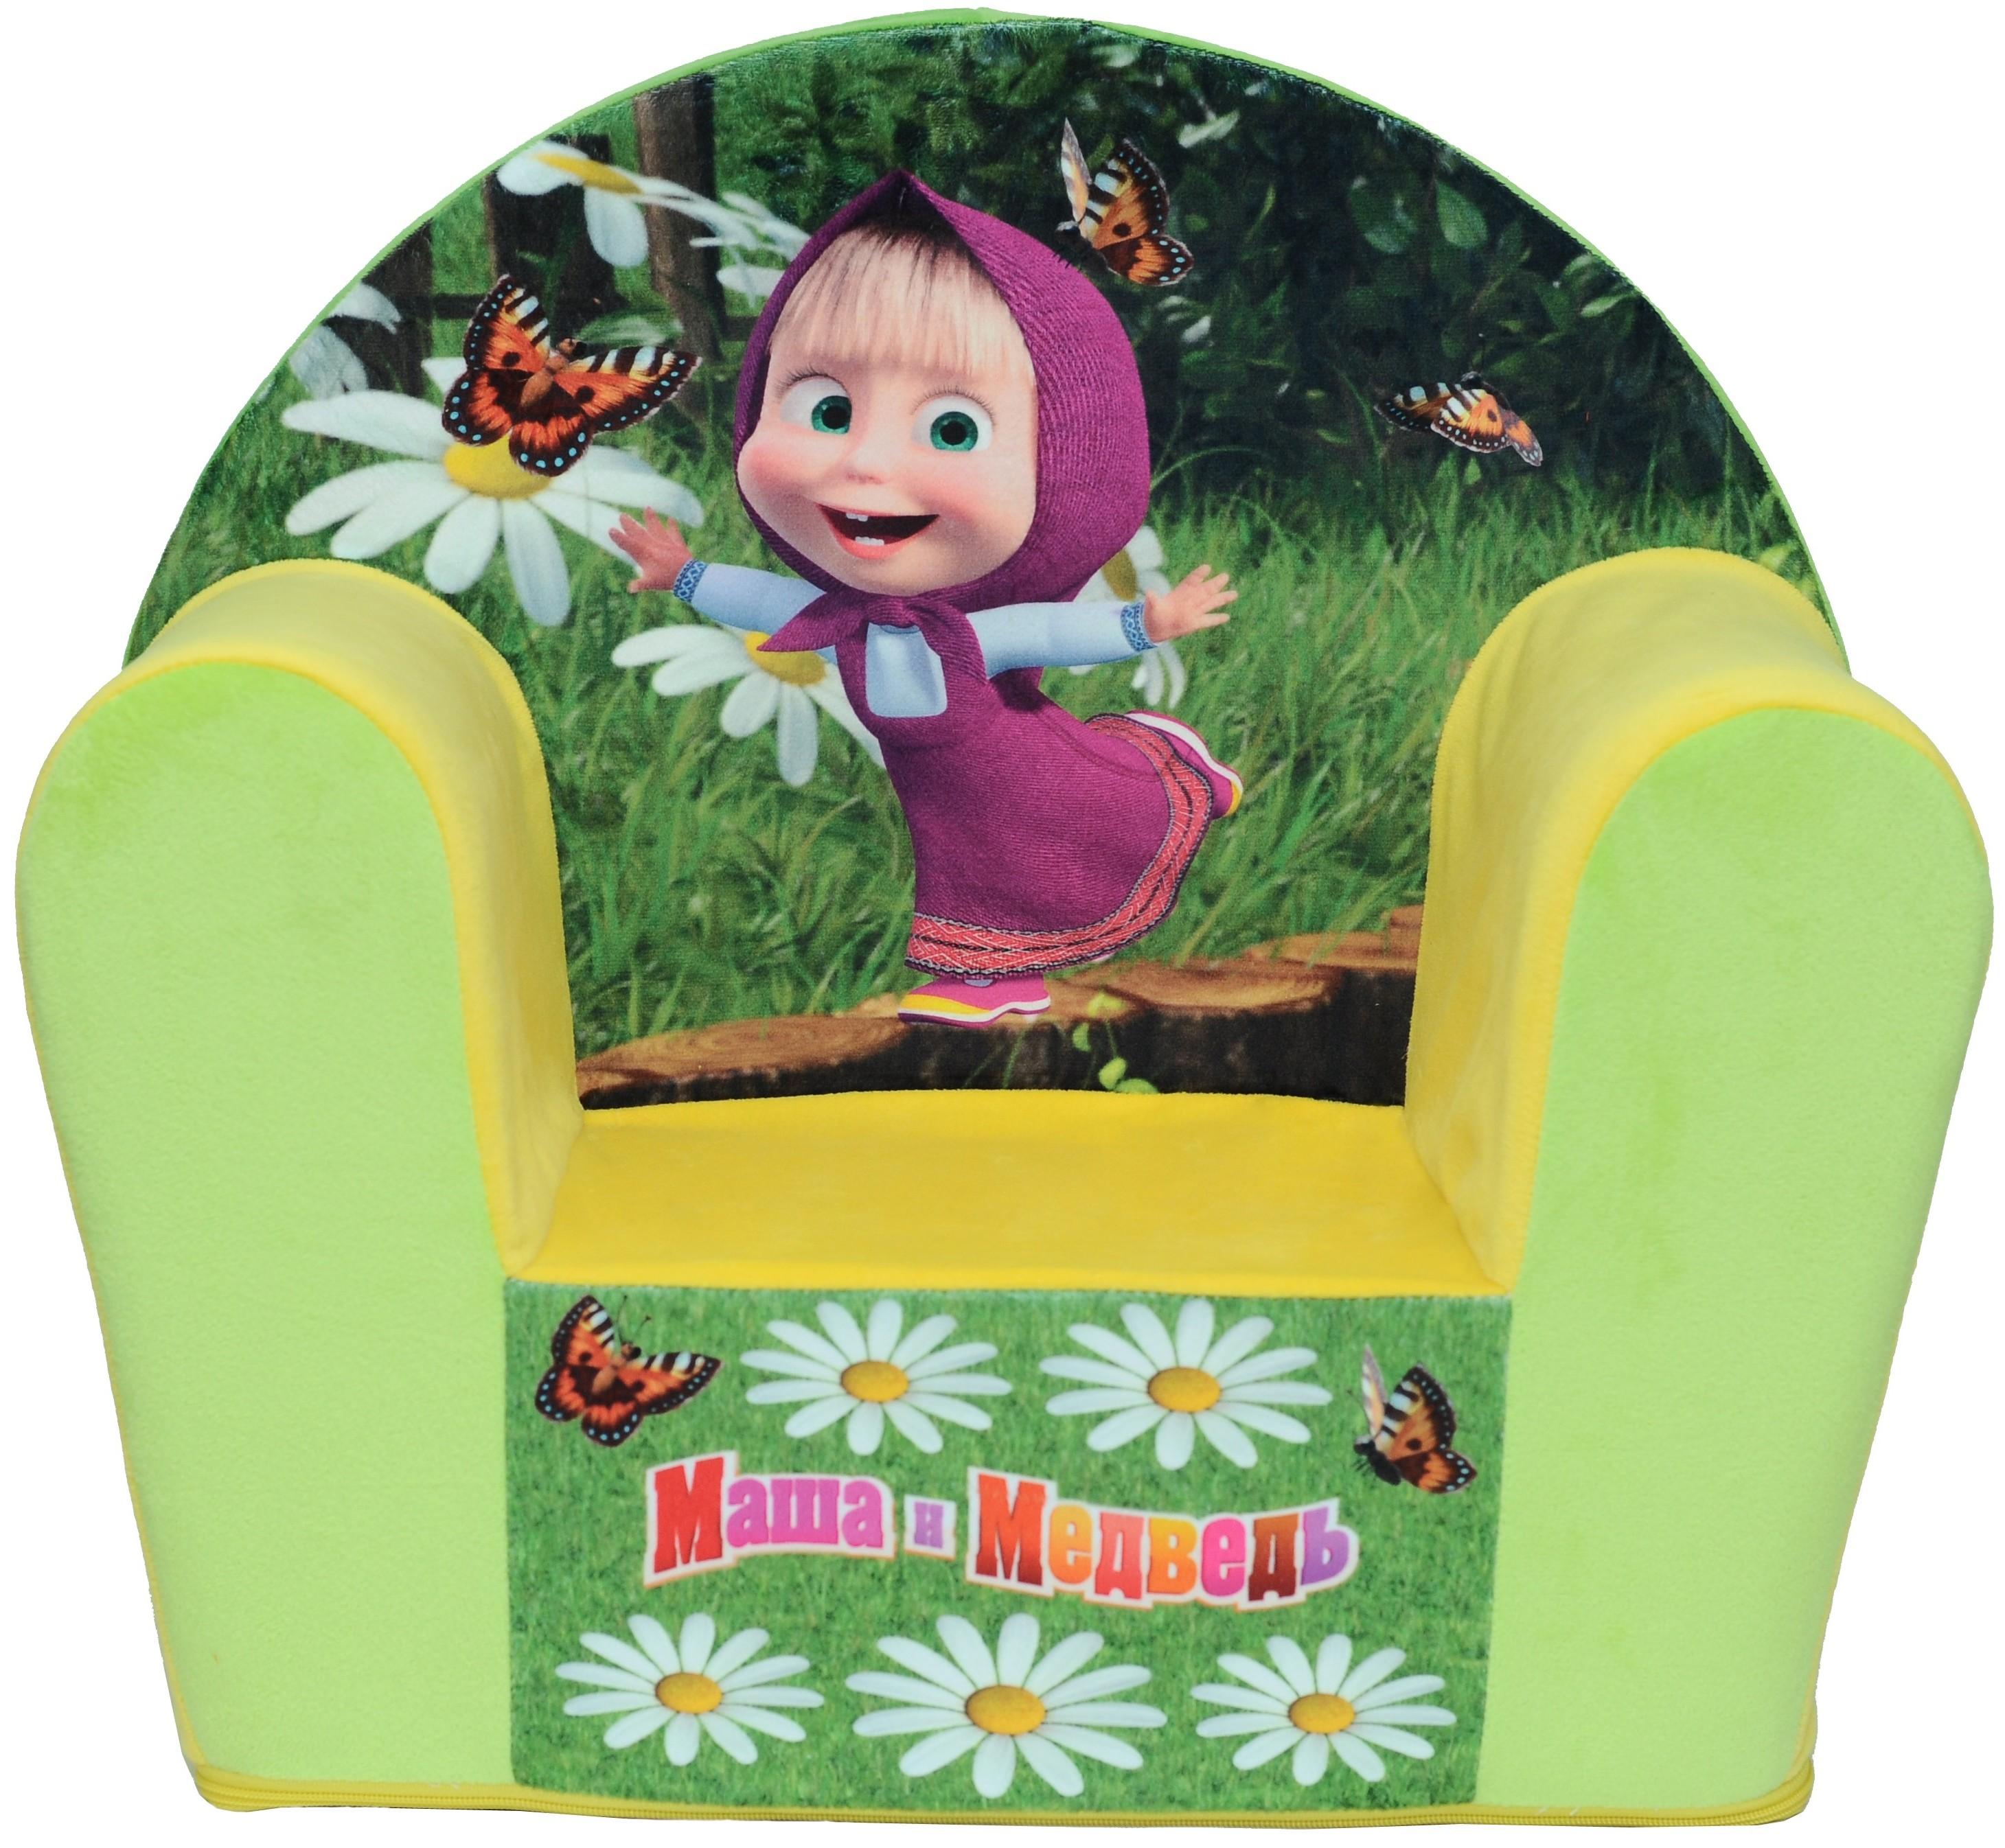 Мягкая мебель СмолТойс Маша и медведь смолтойс мягкое кресло скругленное маша и медведь смолтойс розовый